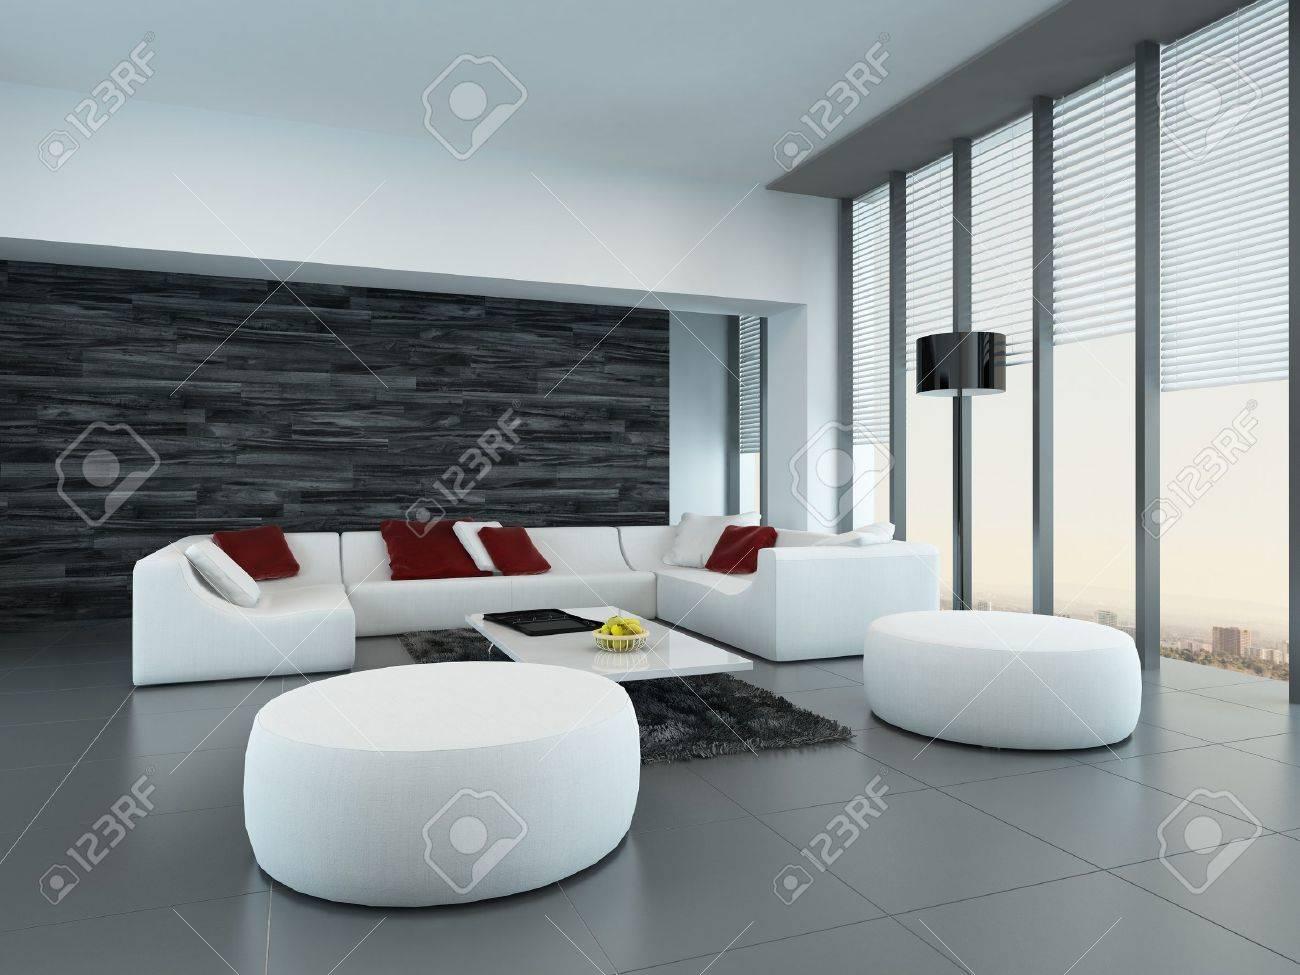 Attrayant Perspective Inclinée Du0027un Gris Et Blanc Salon Moderne Intérieur Avec Des  Poufs Et Un Grand Canapé En Face Des Fenêtres Du Sol Au Plafond De Verre  Laissant ...